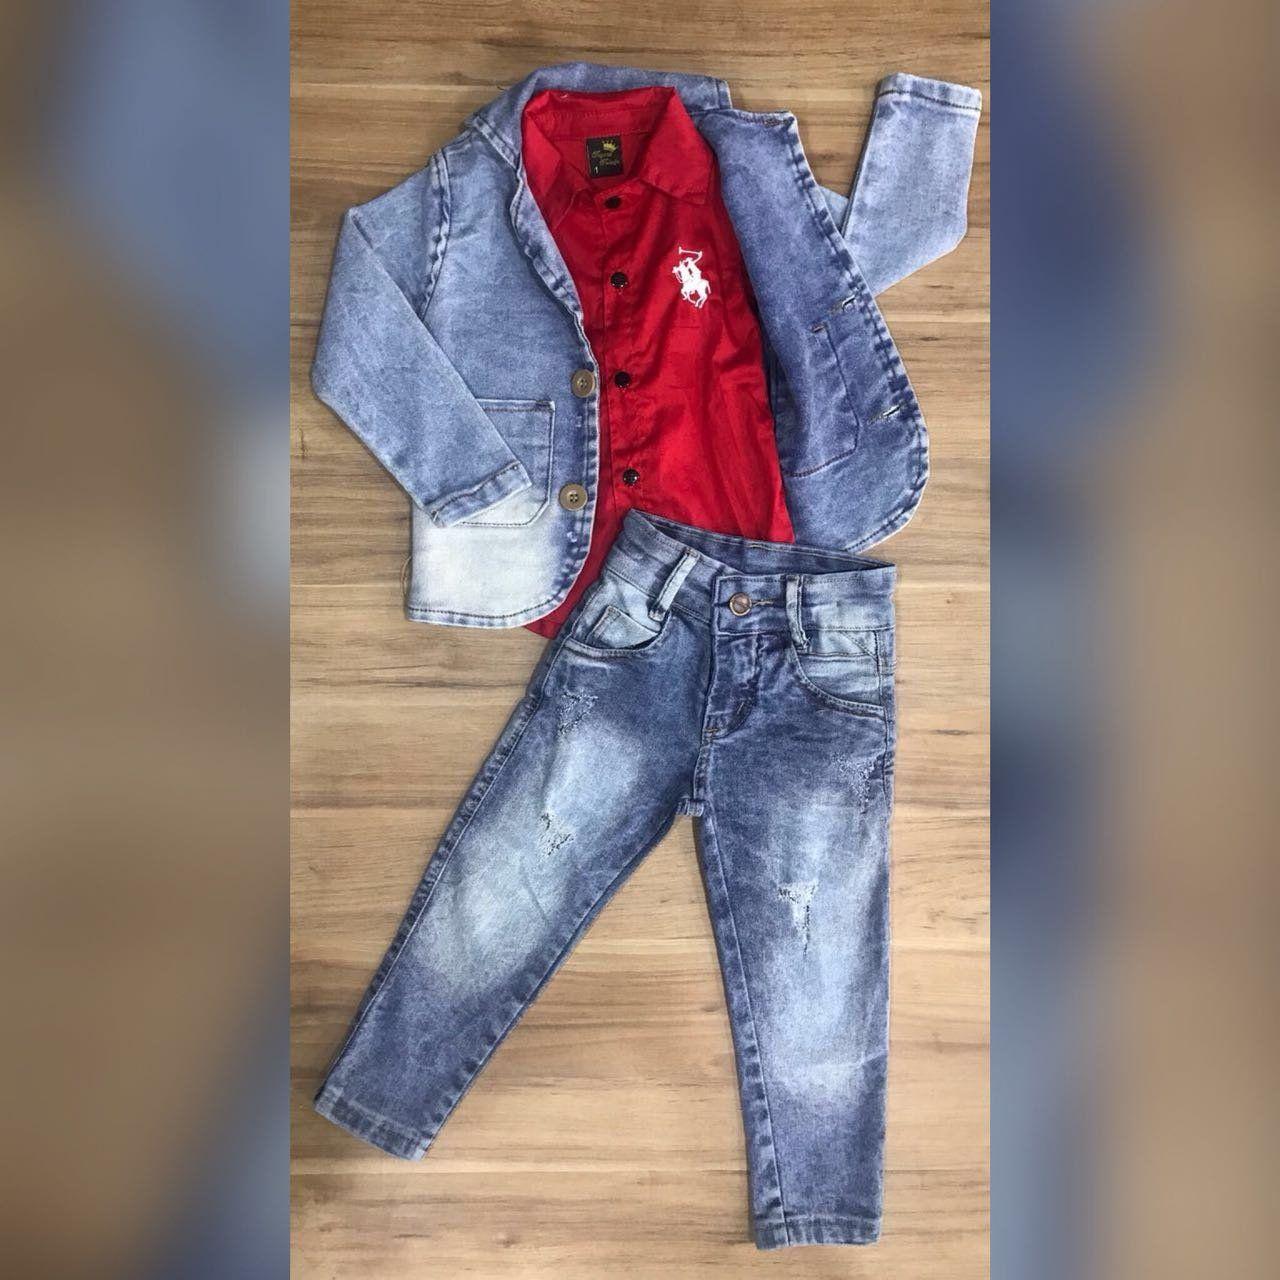 Calça Jeans com Camisa Social Vermelha e Blazer Jeans